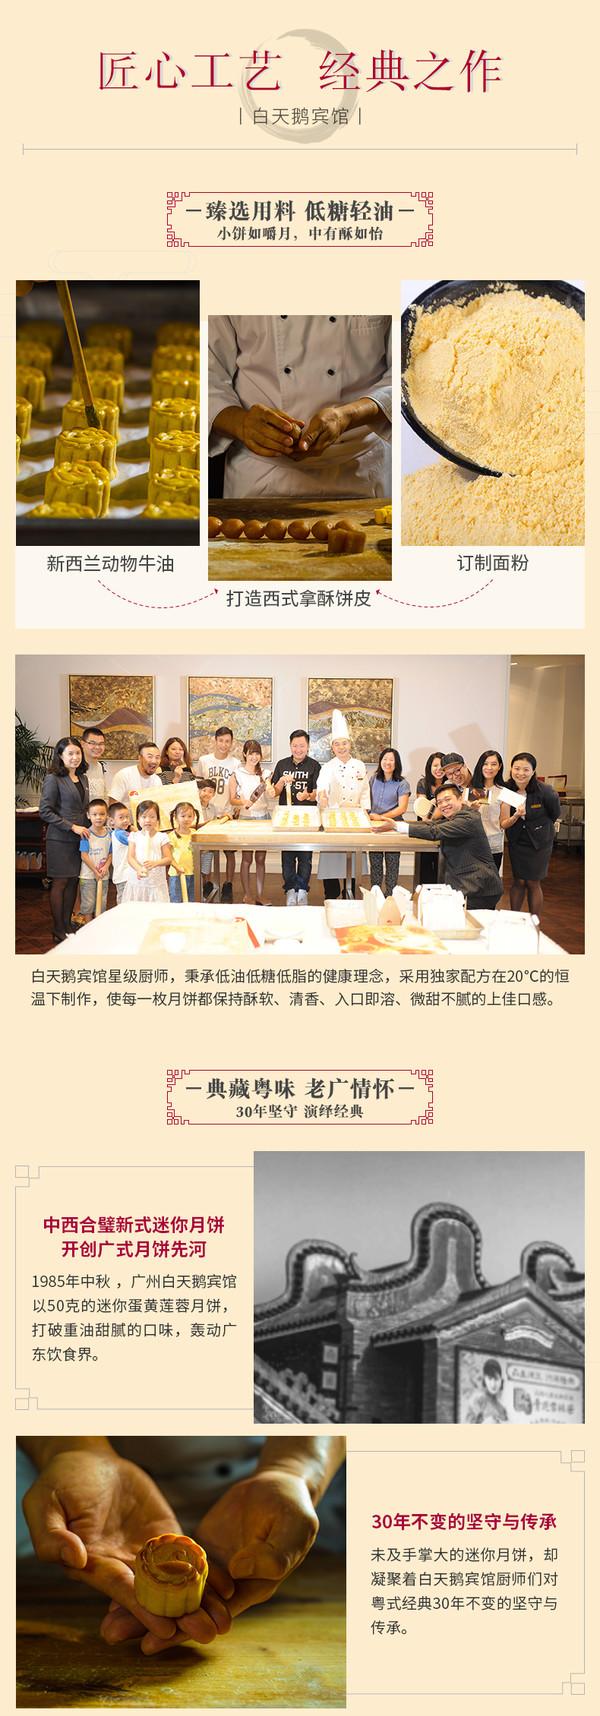 广州白天鹅宾馆 天鹅月饼礼盒 6-8枚装 经典粤味